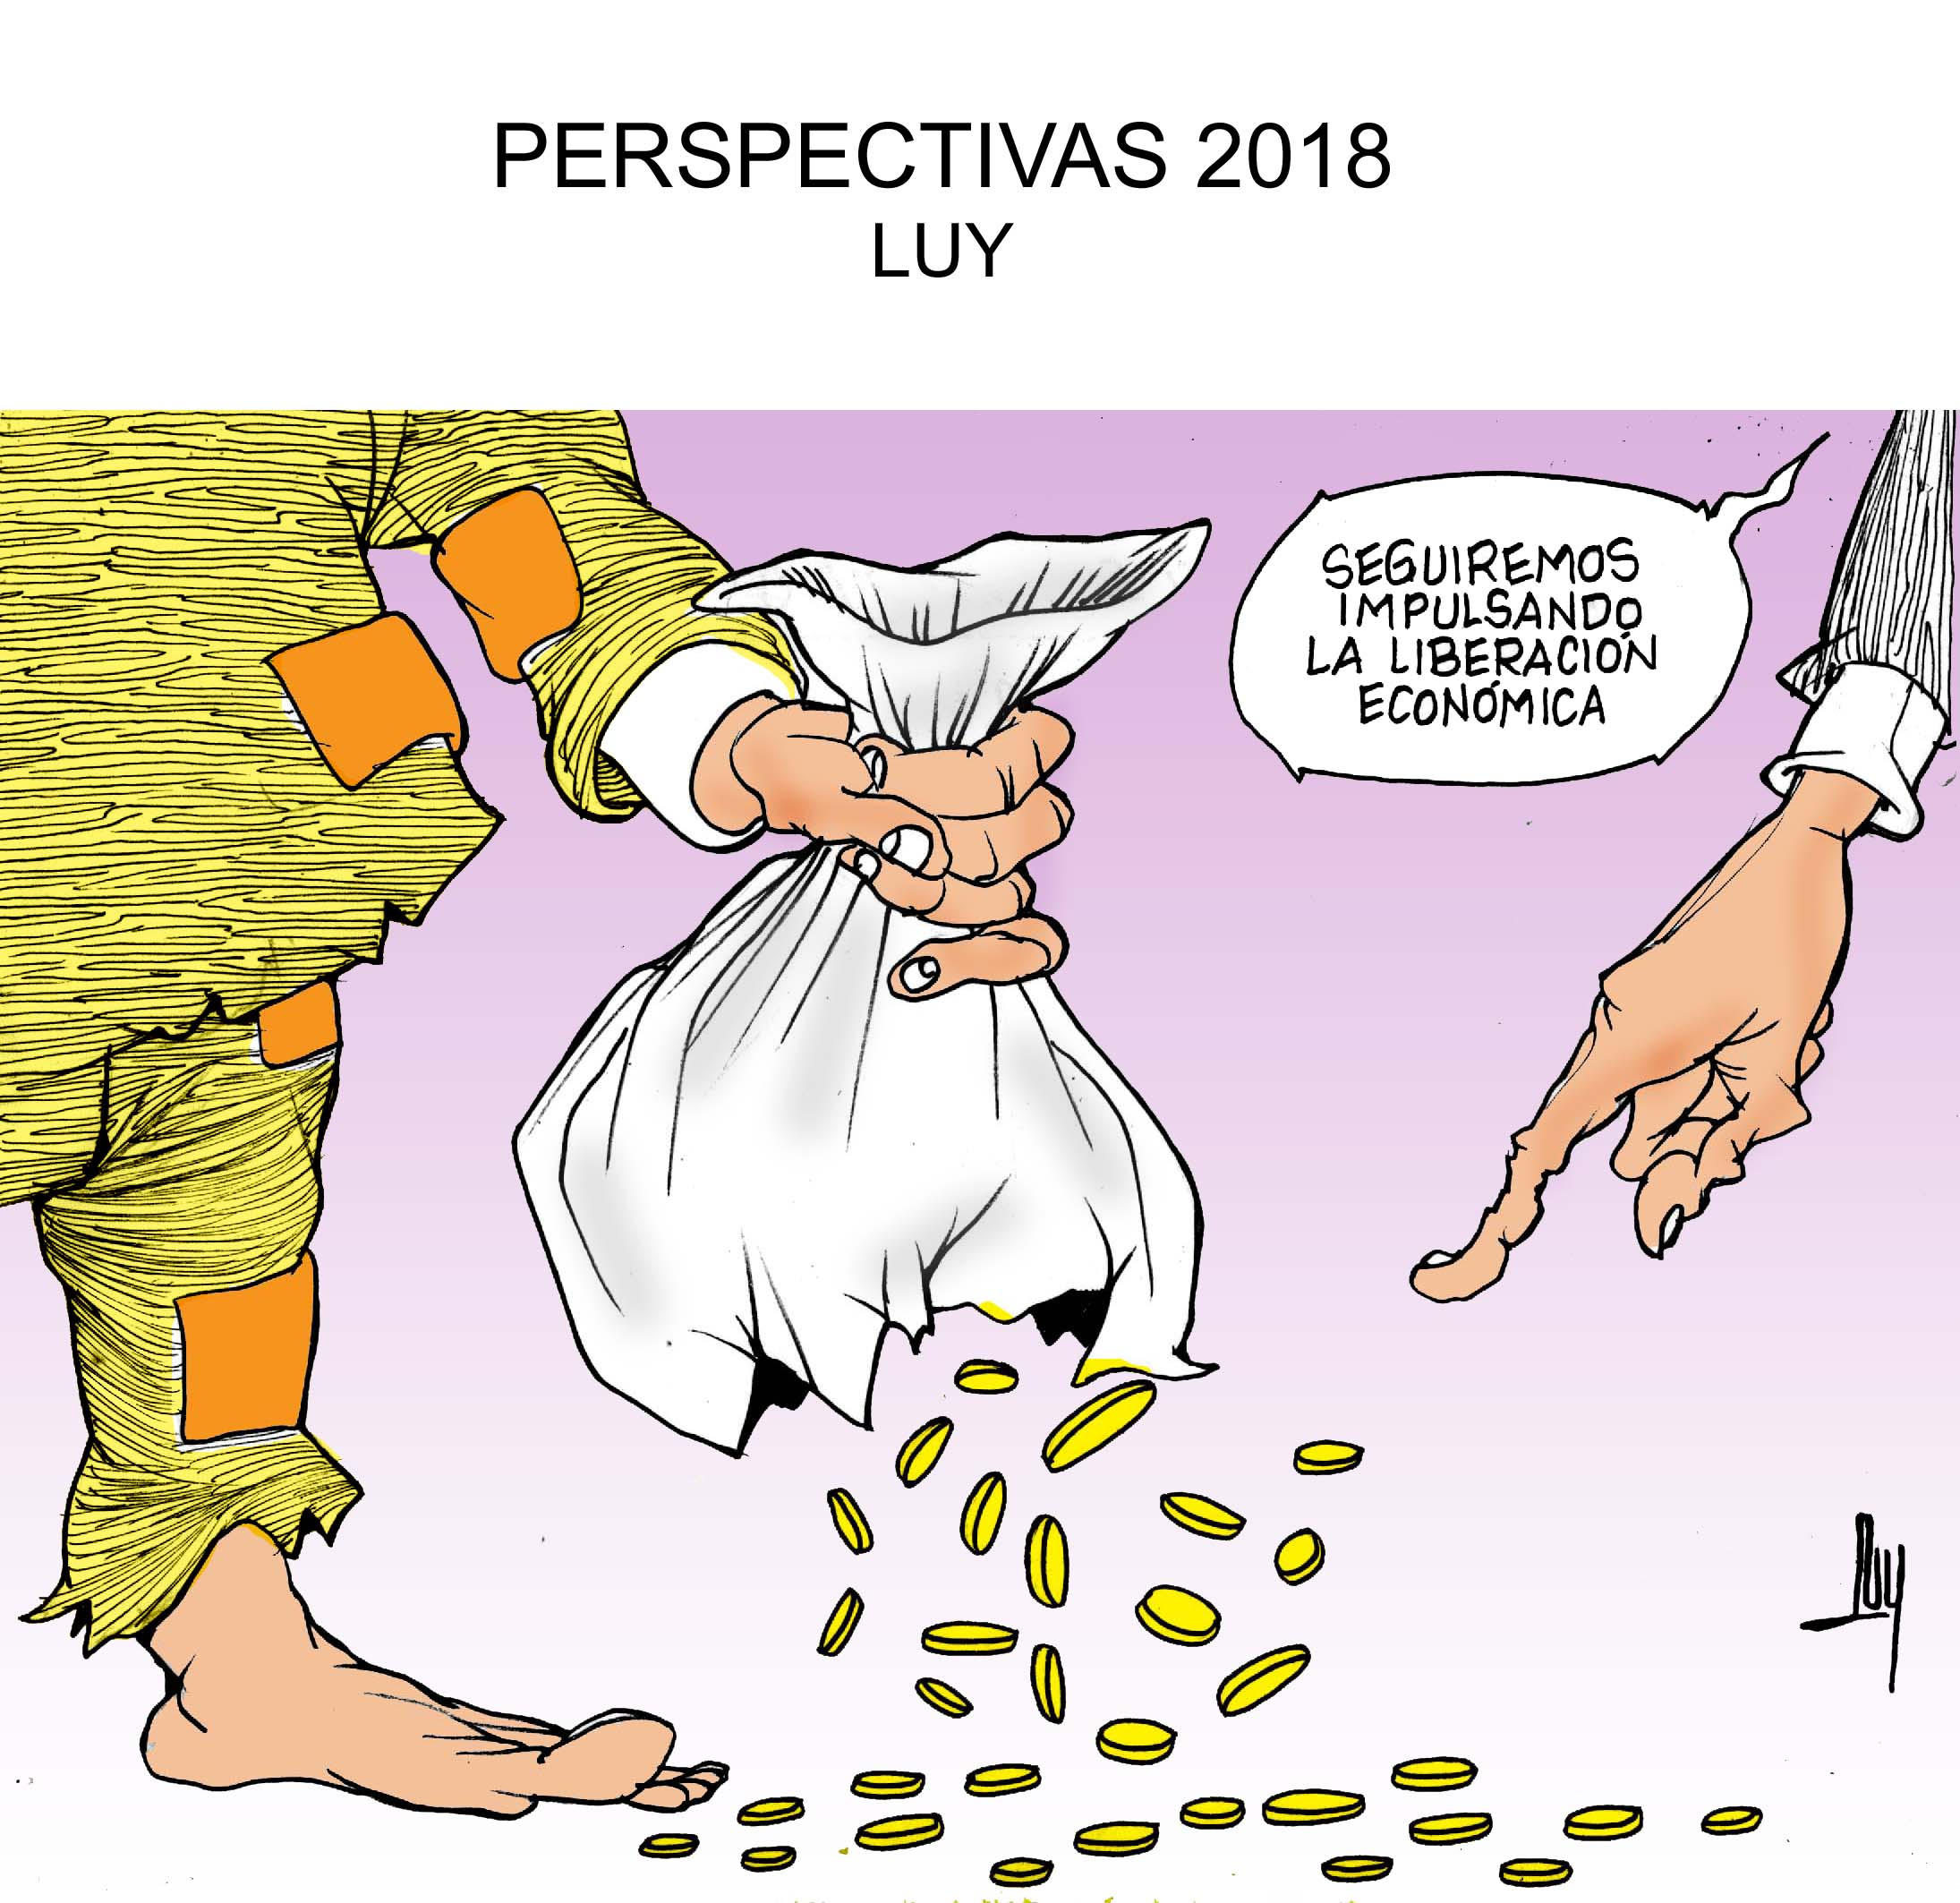 perpectivas-2018